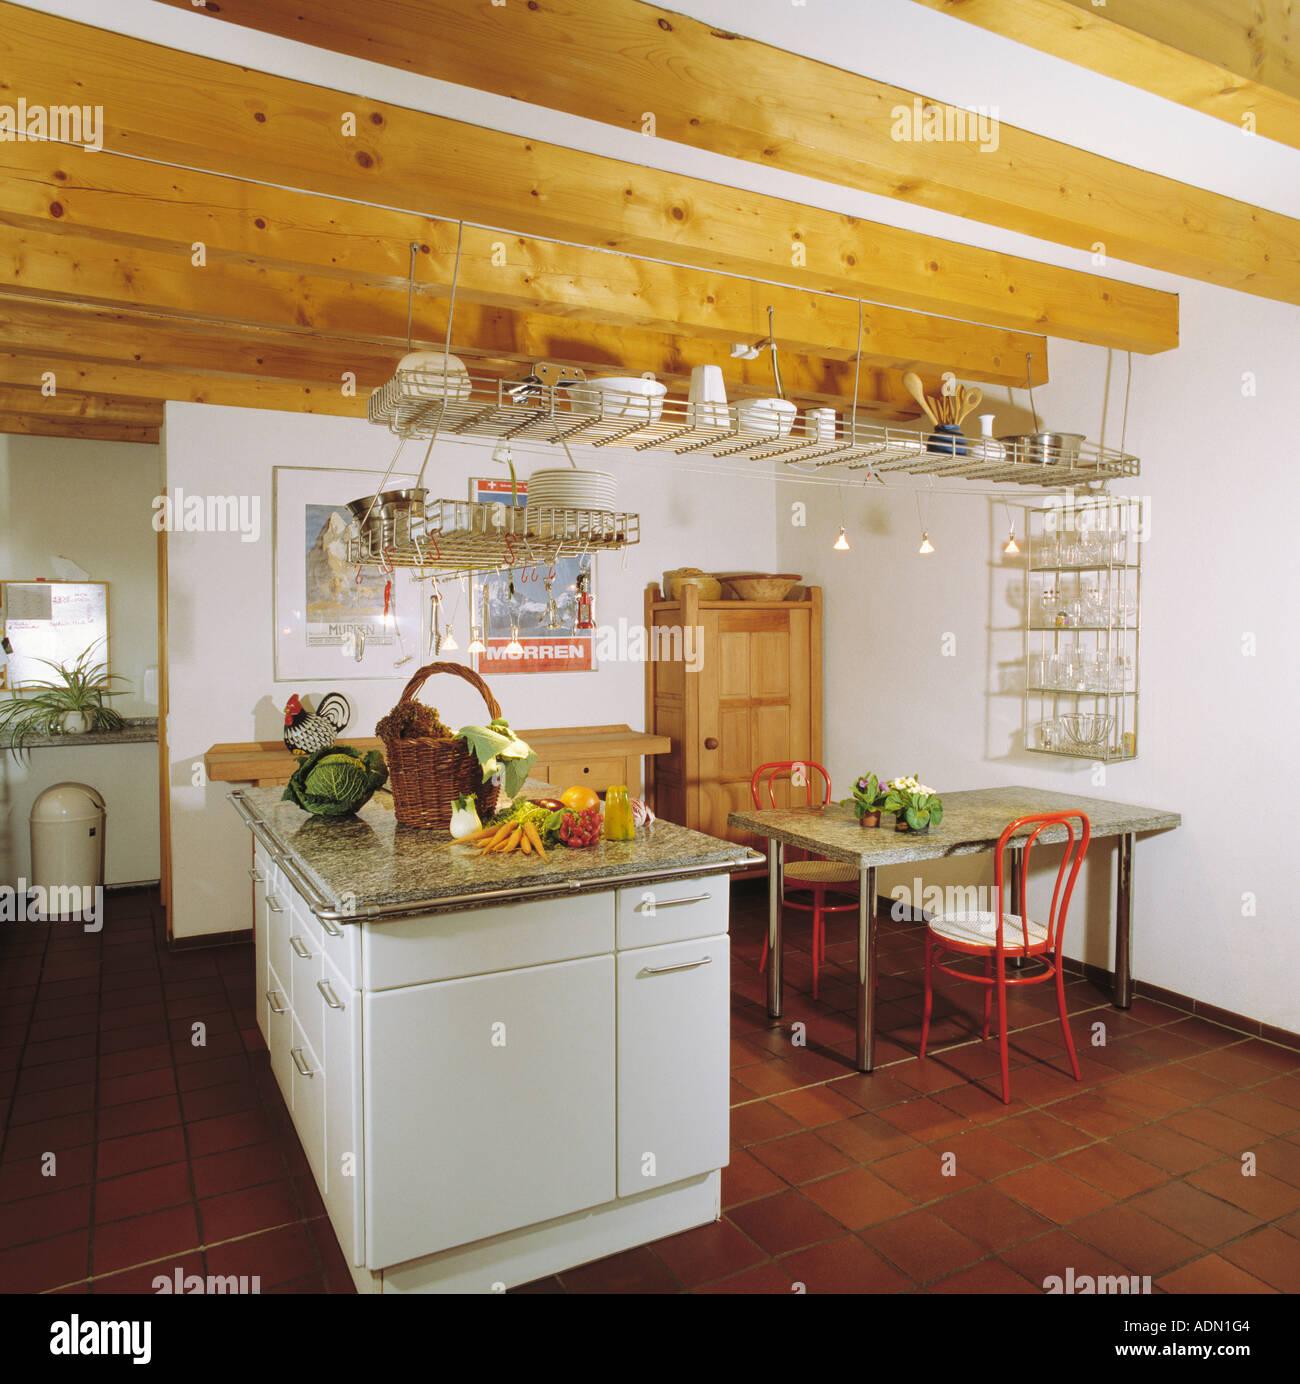 Tolle Landküche Inseln Designs Galerie - Ideen Für Die Küche ...